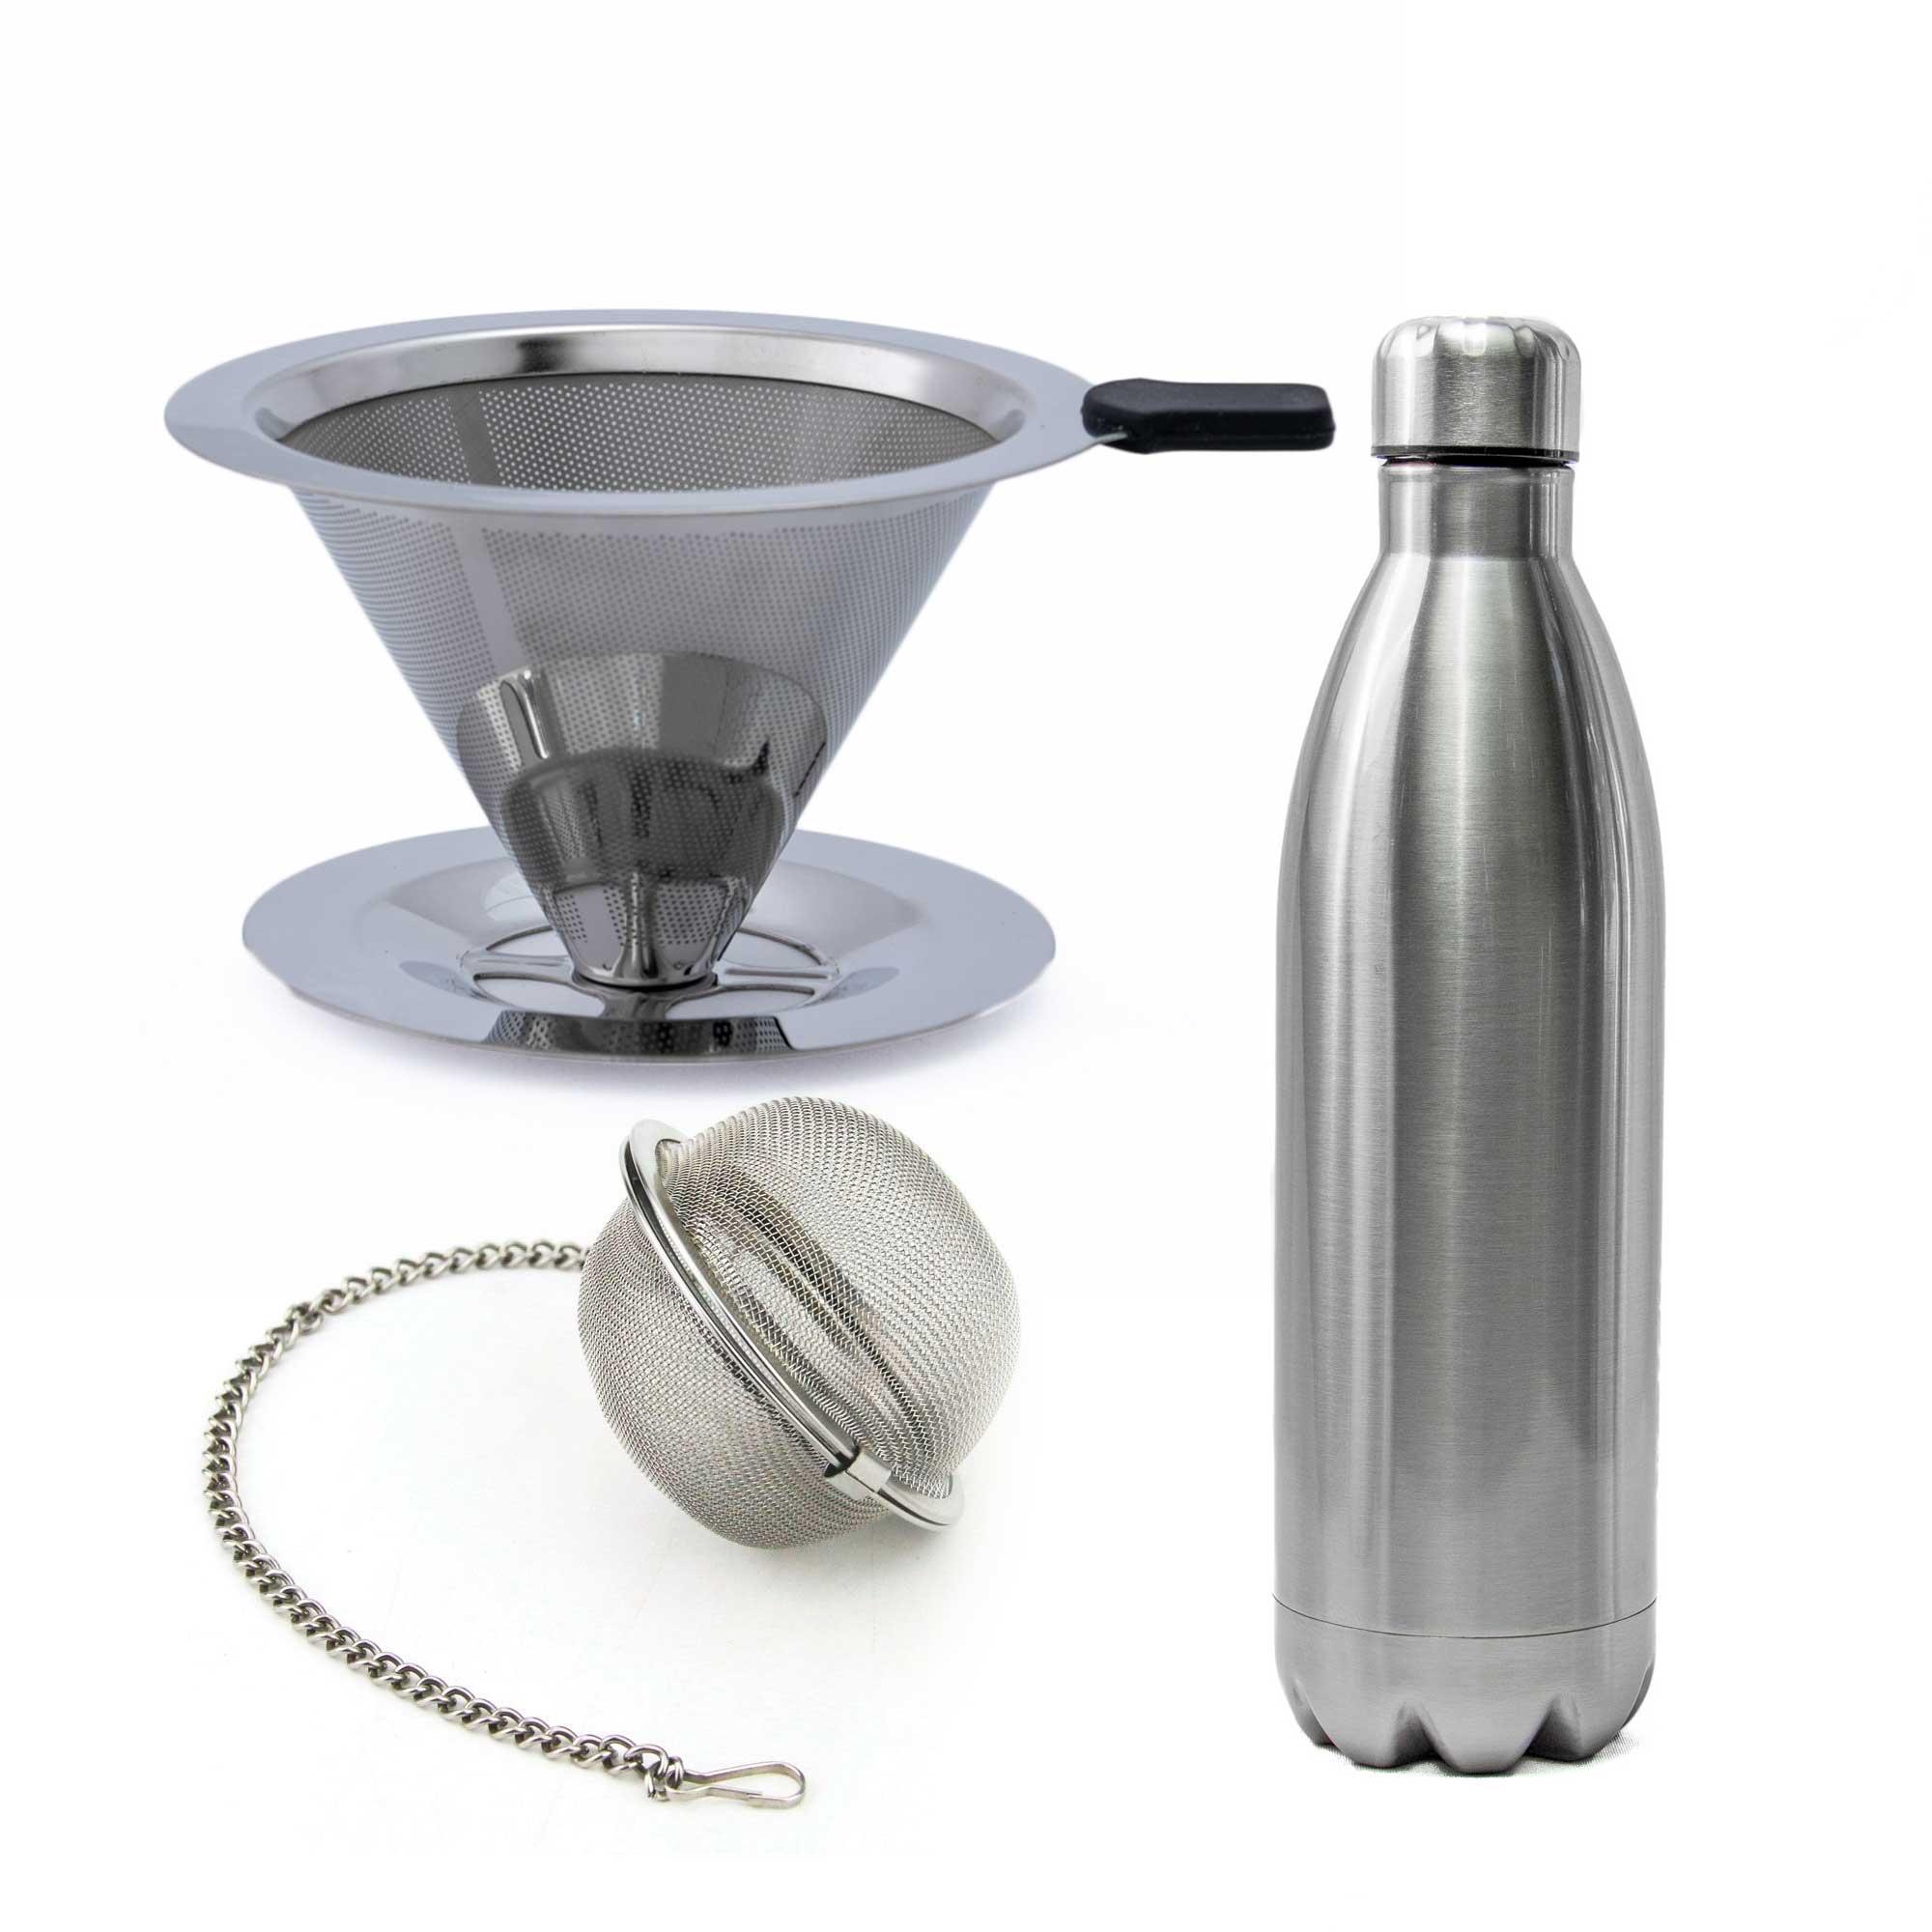 Filtro de Café Inox 102 com Infusor de Chá e Garrafa Térmica de Inox 1L